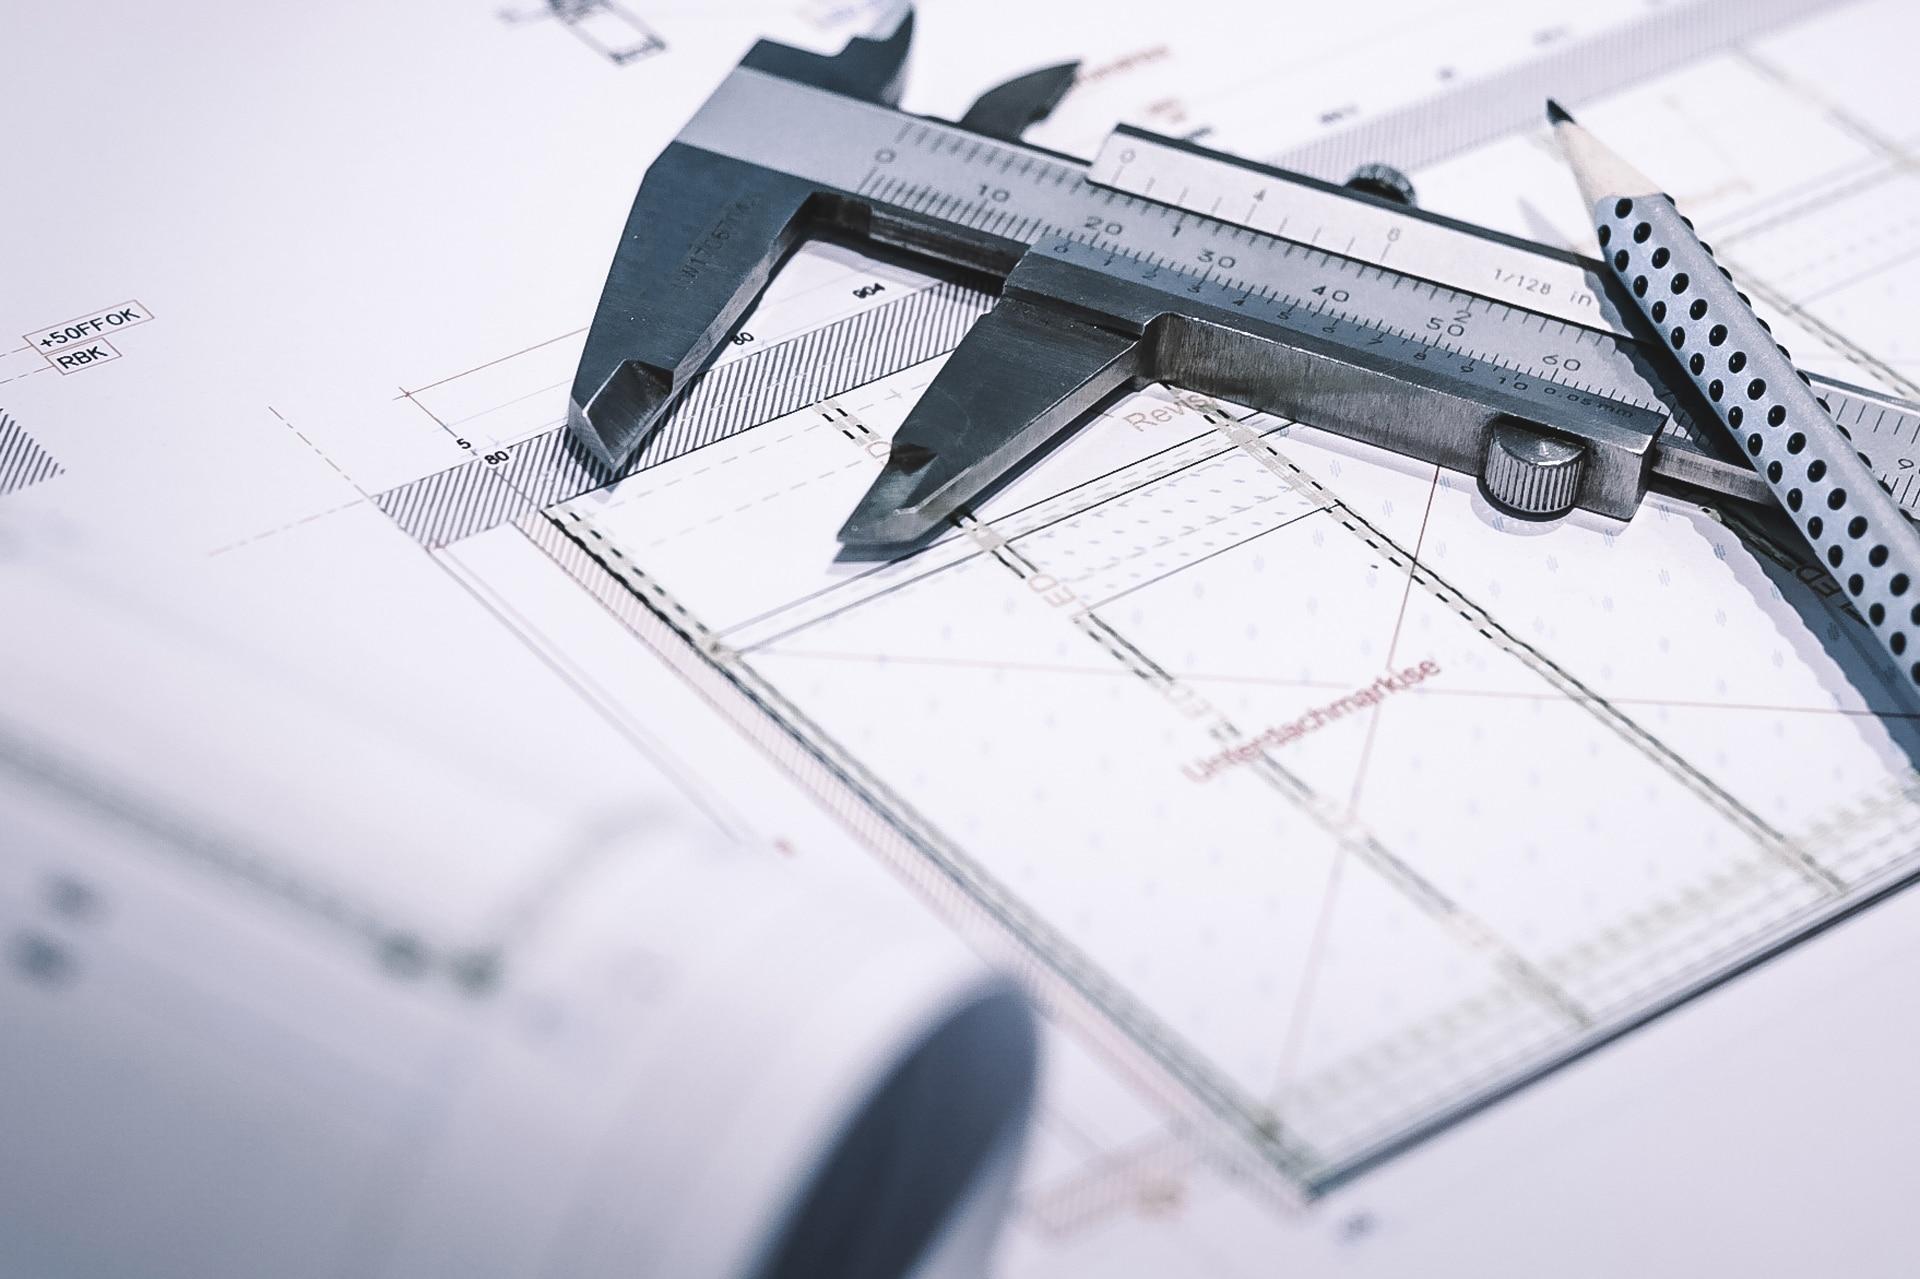 Baupläne bzw. technische Zeichnung mit Messschieber und Bleistift   Svoboda Metalltechnik